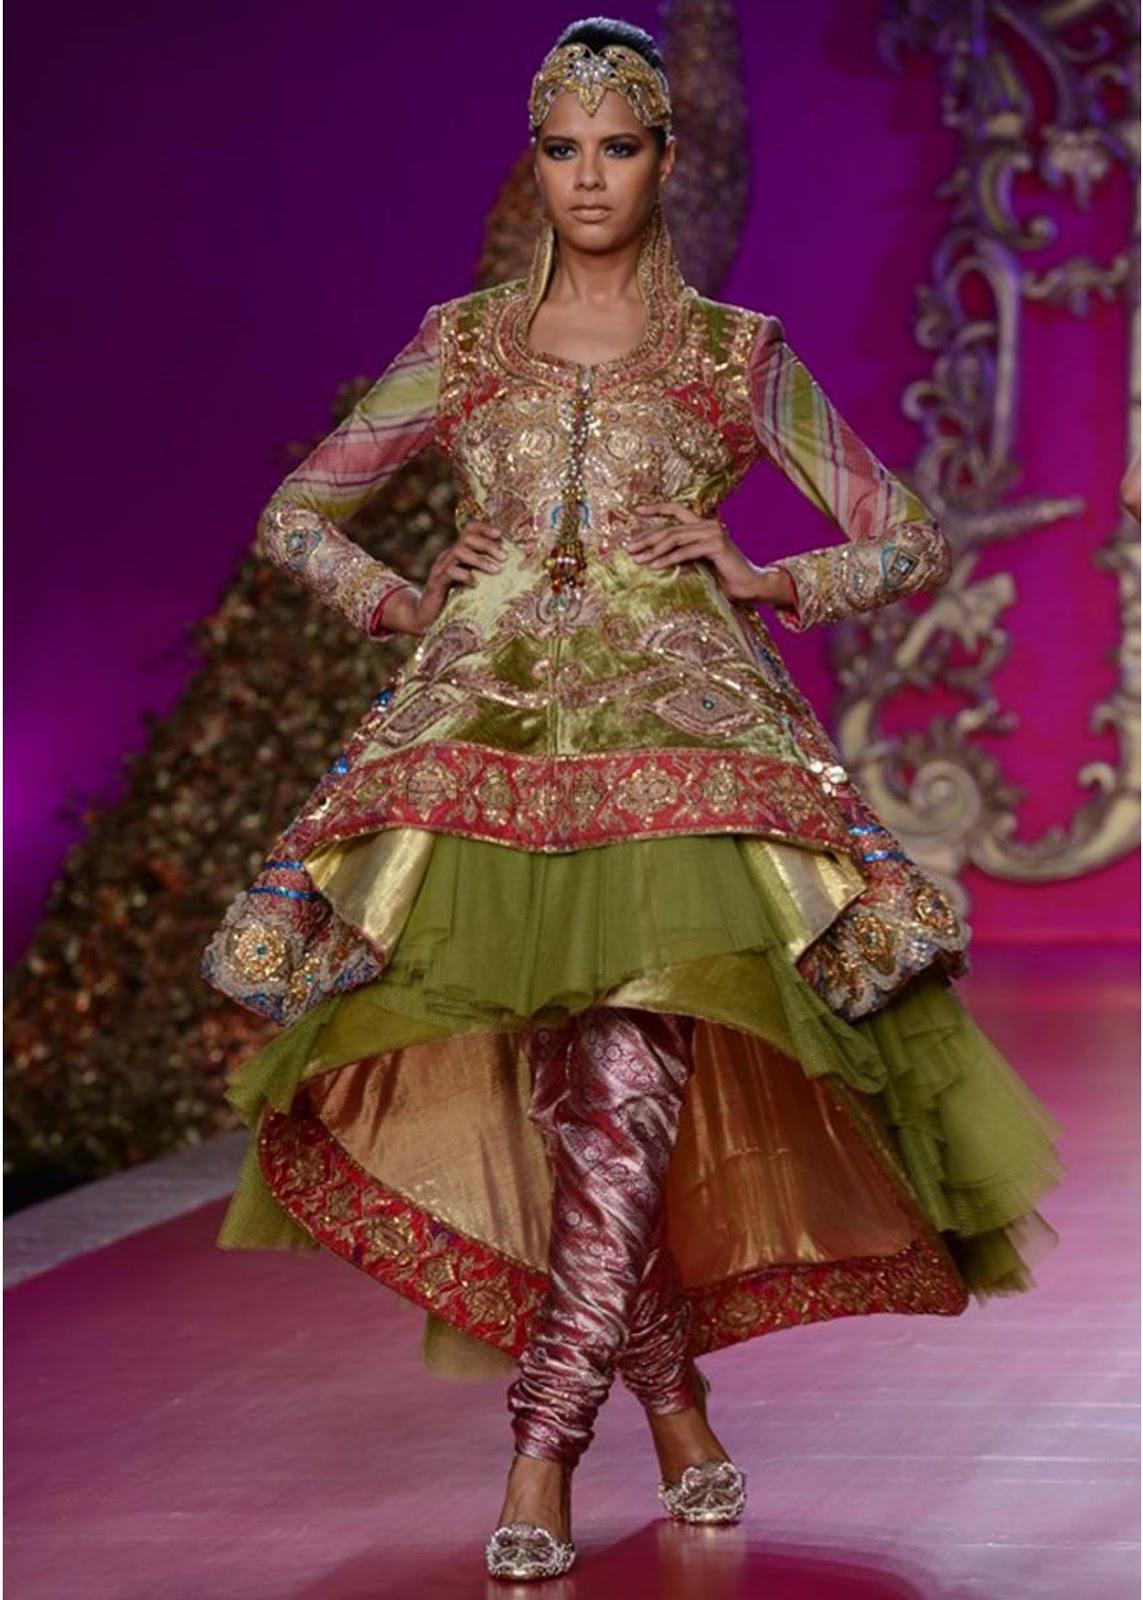 Ritu Beri Collection at PCJ Delhi - 226.9KB